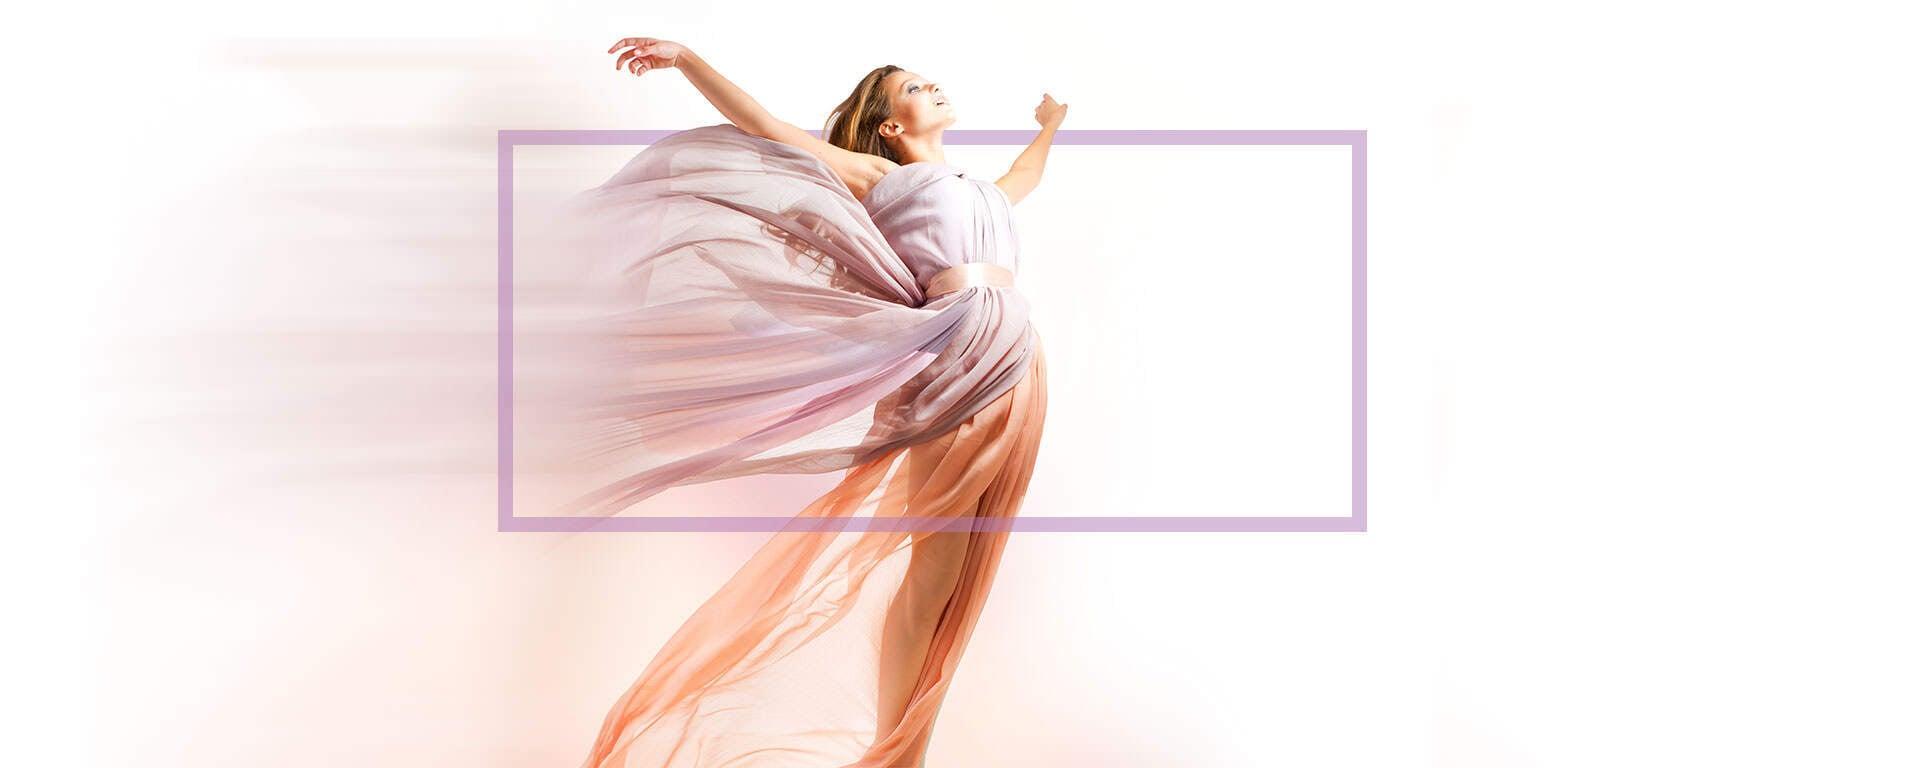 """Devenue art thérapeute par le besoin de """"faire sa part dans ce monde"""" en version colibri - Virginie Krafft - Art thérapeute à Montpellier"""